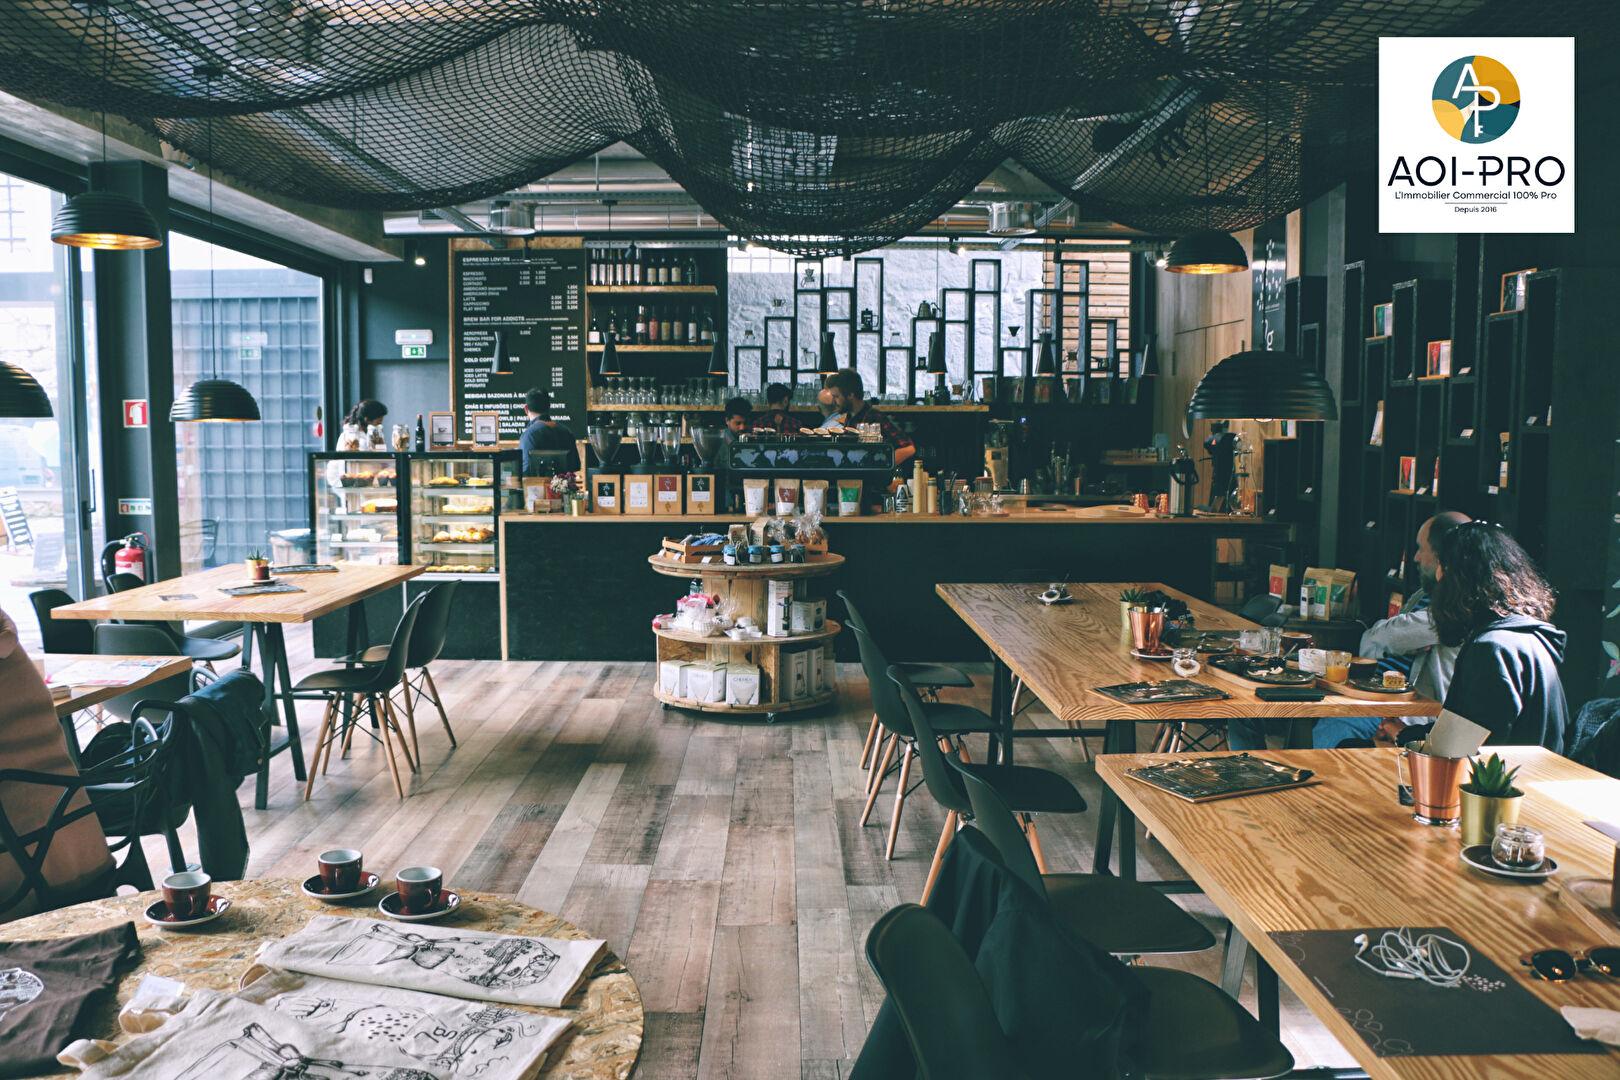 Restaurant à vendre - 480.0 m2 - 33 - Gironde